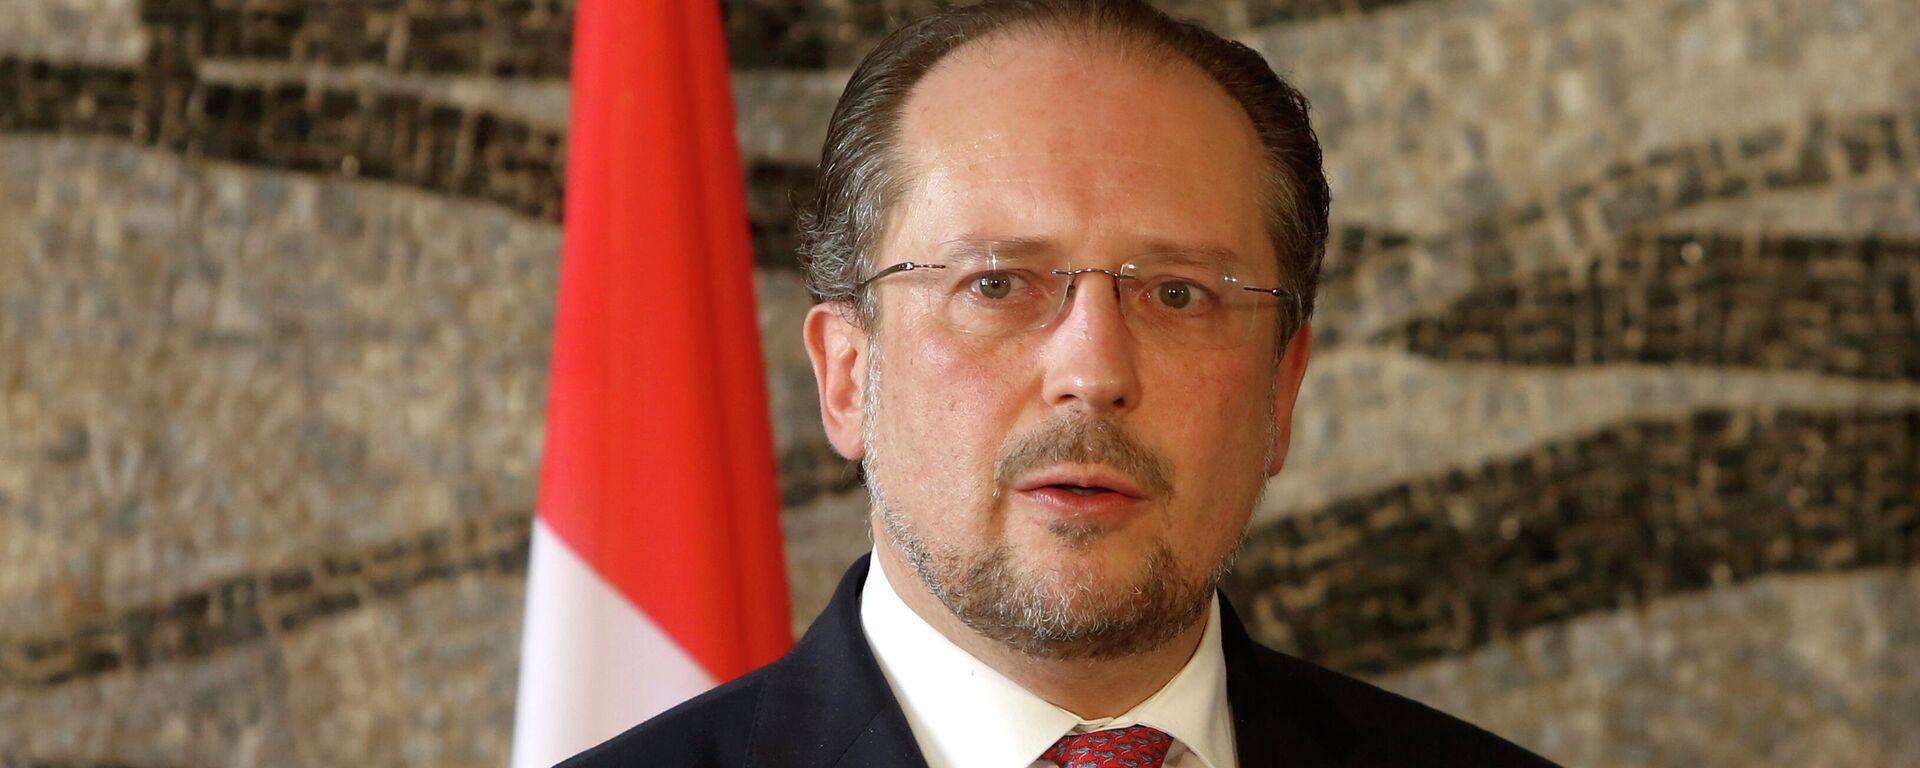 Ex-Außenminister Alexander Schallenberg wurde am  11. Oktober 2021 als Österreichs Bundeskanzler vereidigt (Archiv) - SNA, 1920, 11.10.2021